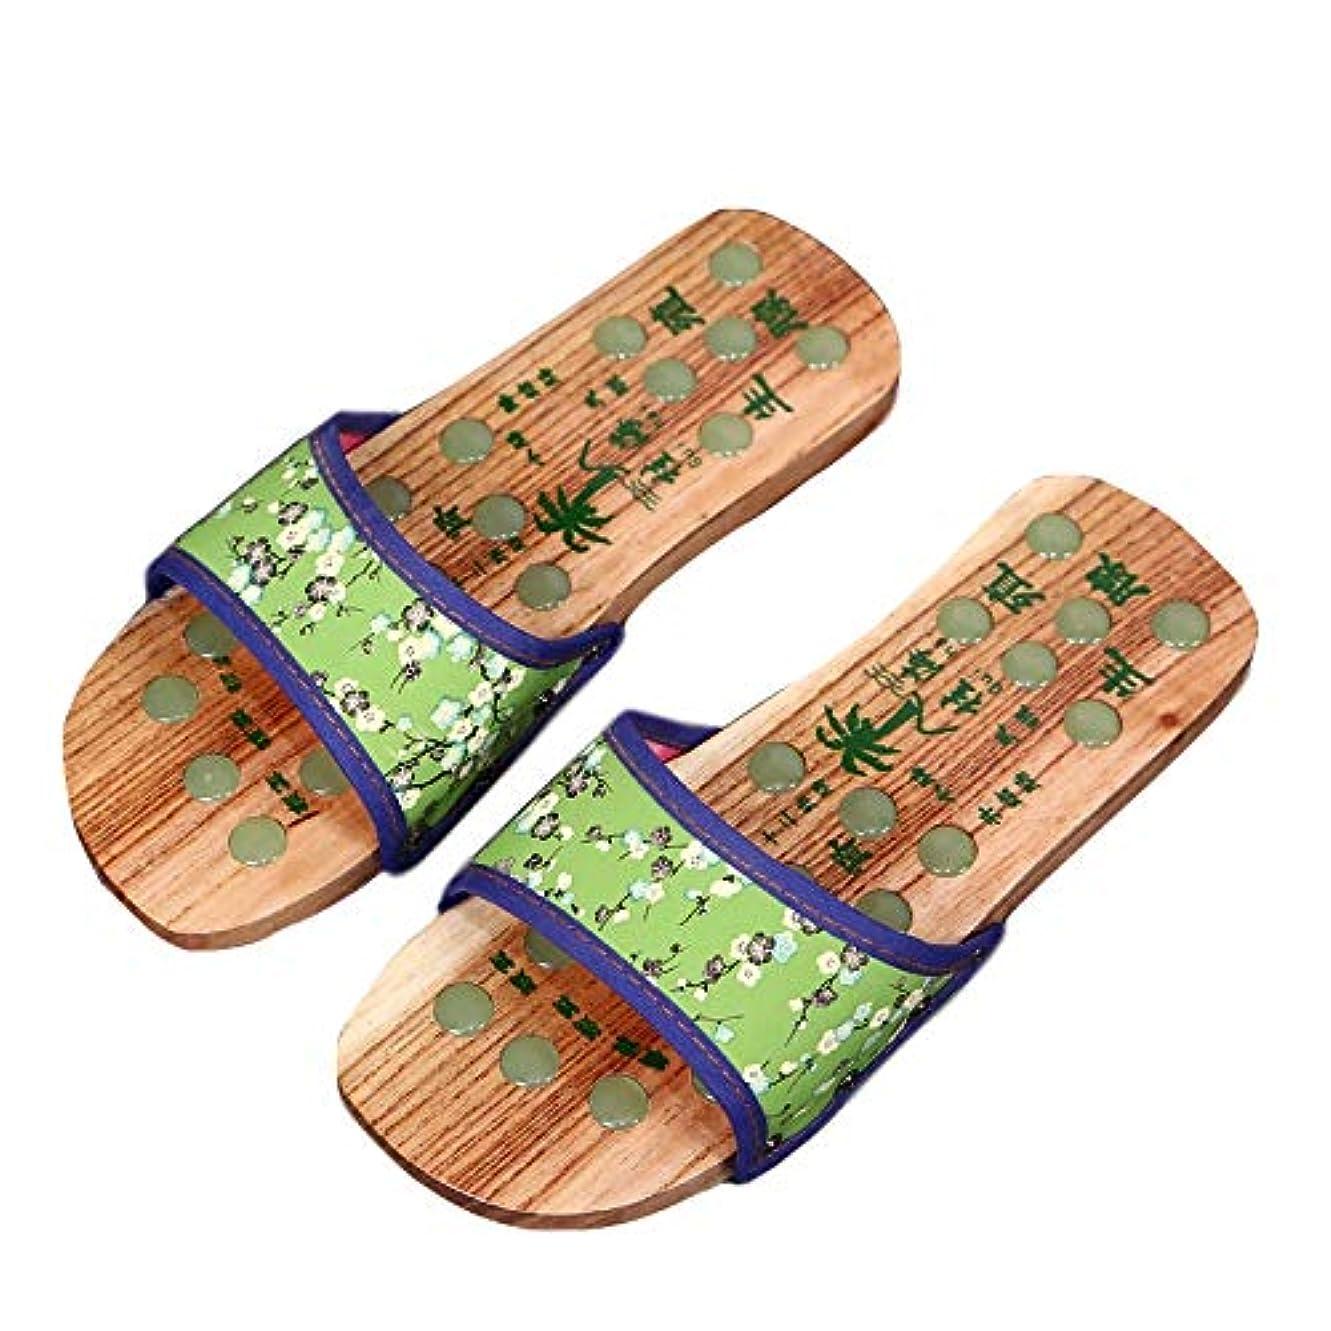 不純出口観察する[エリンネ] 下駄風 レディース 栴檀 夏用 足裏マッサージ 普段着 健康サンダル 歩きやすい